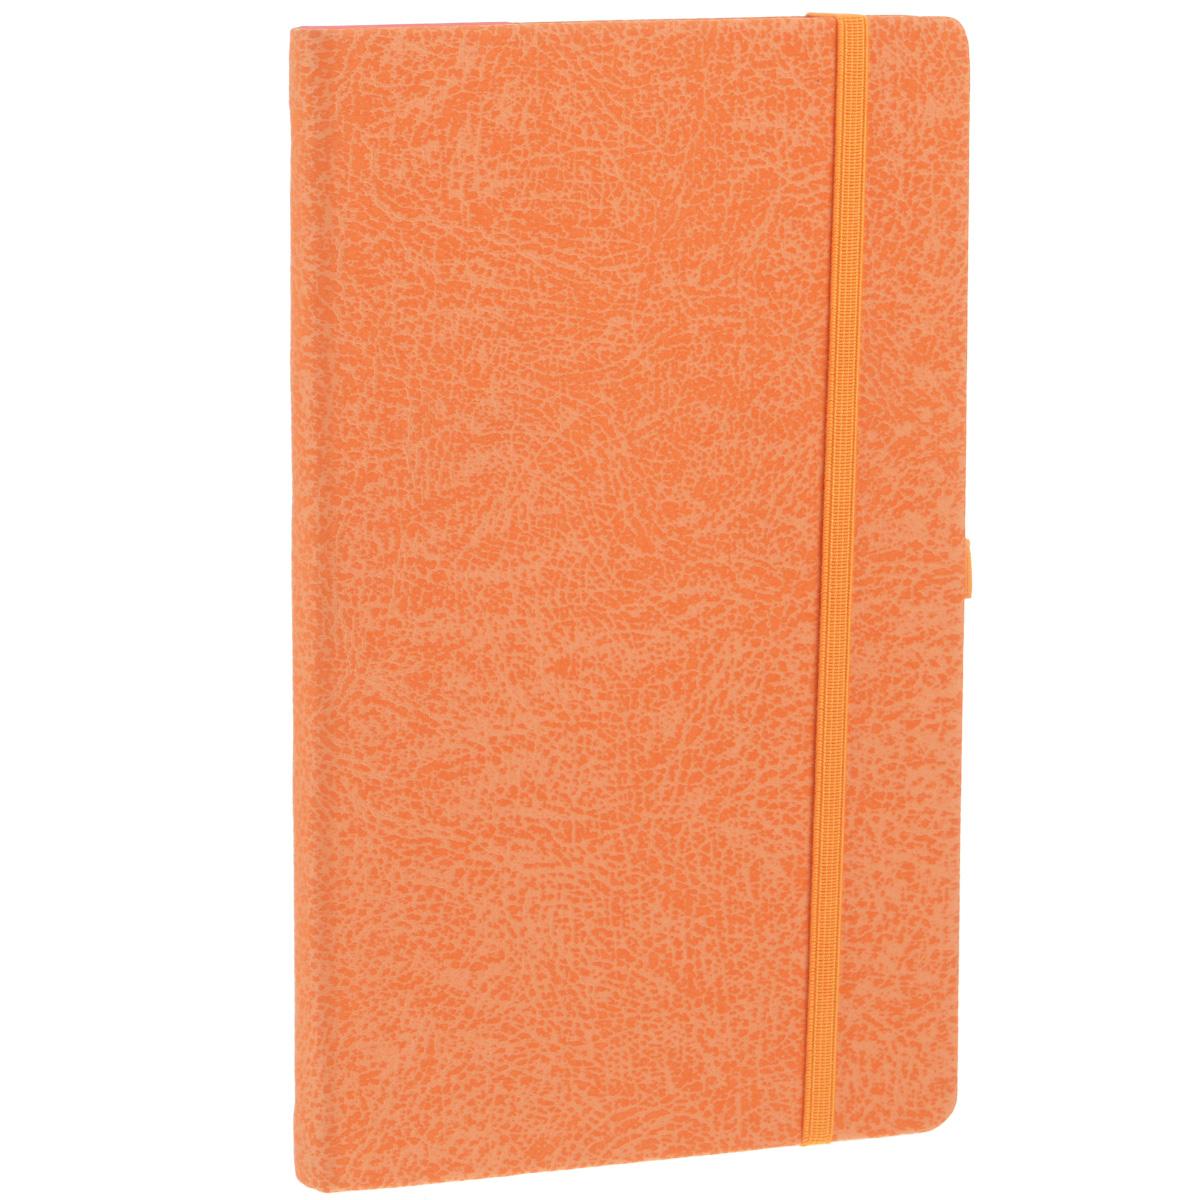 Записная книжка Erich Krause Perfect, цвет: оранжевый, 96 листов36771Записная книжка Erich Krause Perfect - это дополнительный штрих к вашему имиджу. Демократичная в своем содержании, книжка может быть использована не только для личных пометок и записей, но и как недатированный ежедневник. Надежная твердая обложка из плотного картона с тиснением под кожу сохранит ее в аккуратном состоянии на протяжении всего времени использования. Плотная в линейку бумага белого цвета, закладка-ляссе, практичные скругленные углы, эластичная петелька для ручки и внутренний бумажный карман на задней обложке - все это обеспечит вам истинное удовольствие от письма. В начале книжки имеется страничка для заполнения личных данных владельца, четыре страницы для заполнения адресов, телефонов и интернет-почты и четыре страницы для заполнения сайтов и ссылок. Благодаря небольшому формату книжку легко взять с собой. Записная книжка плотно закрывается при помощи фиксирующей резинки.